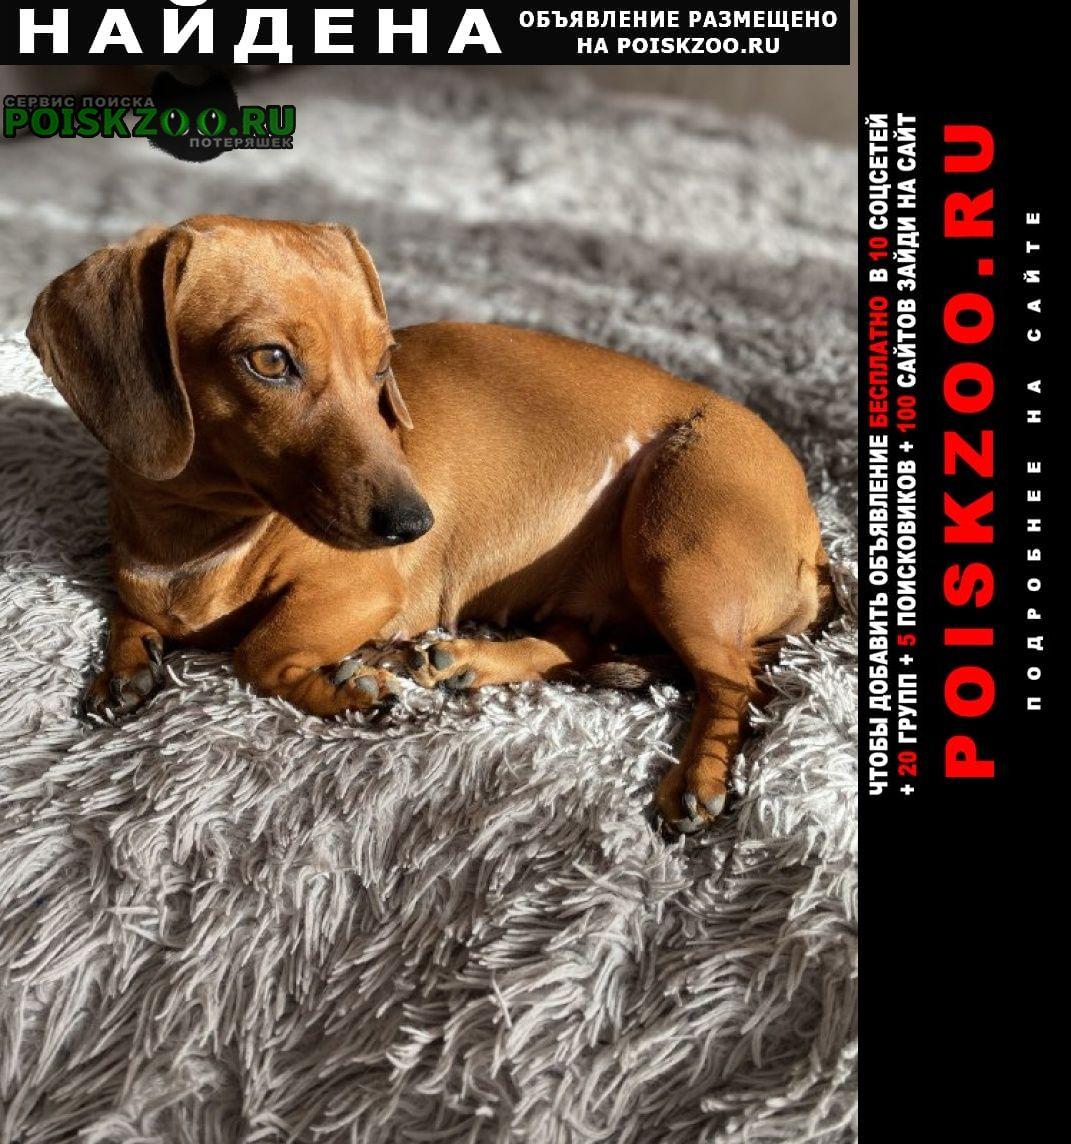 Найдена собака такса рыжая, девочка Самара